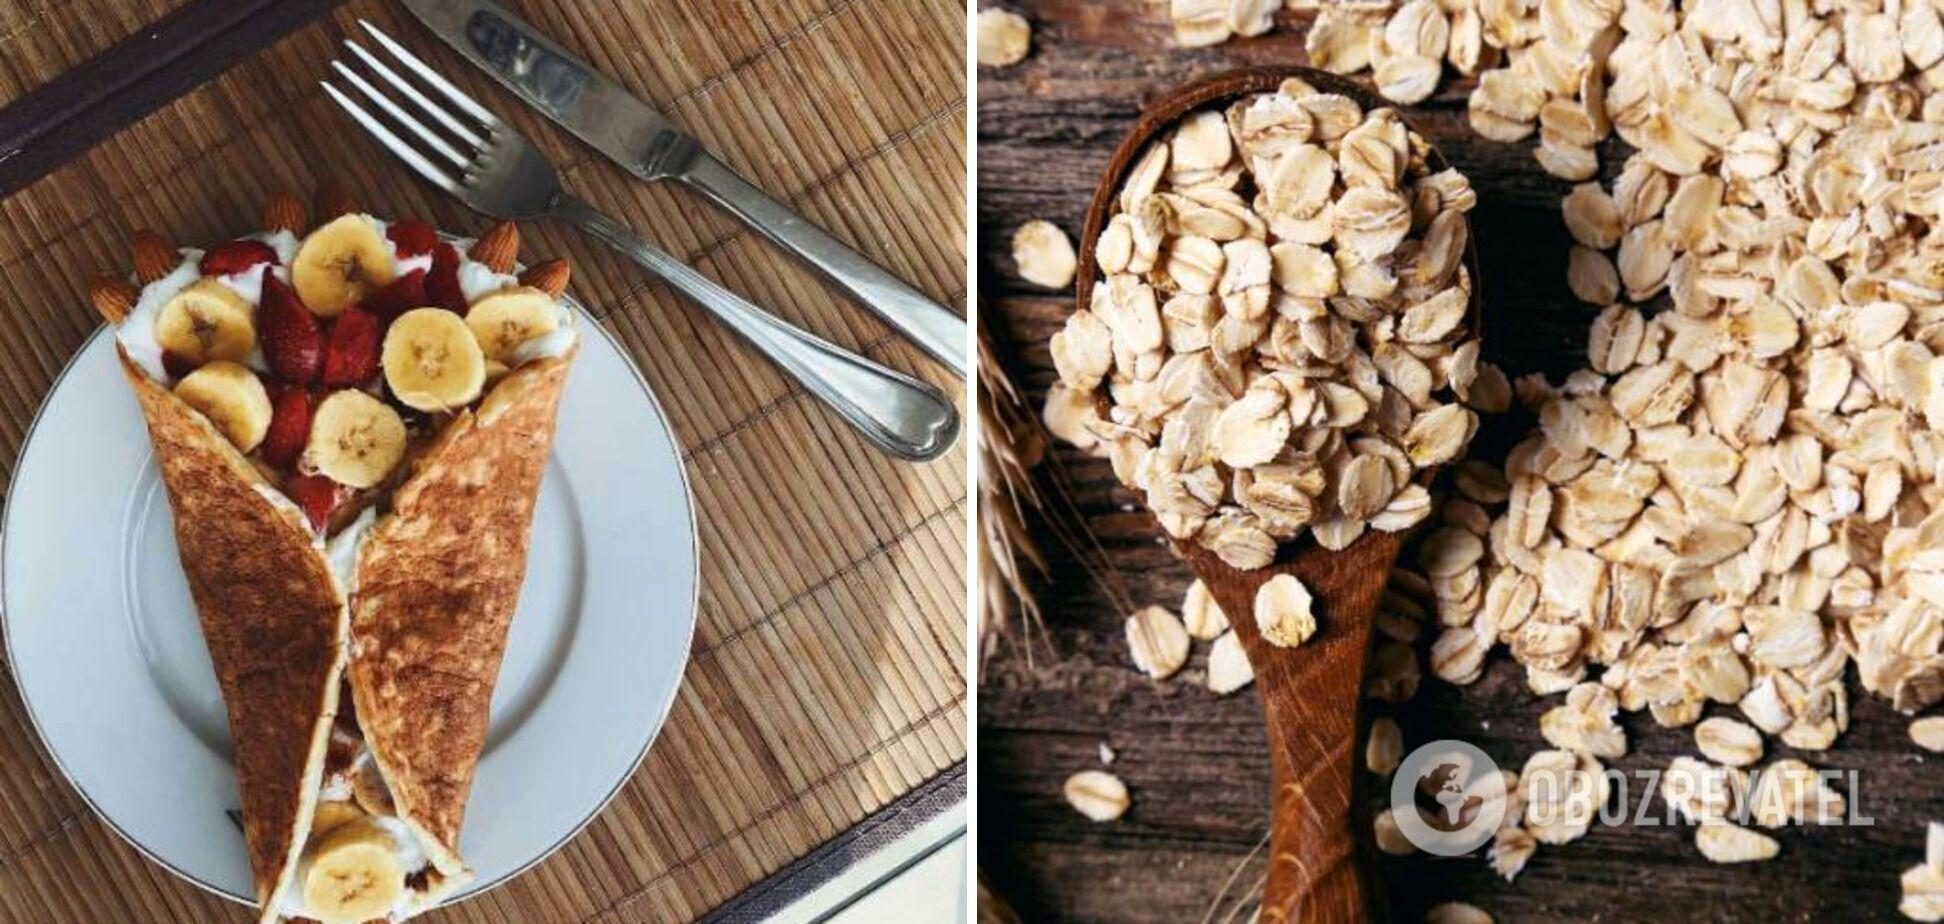 Вівсяномлинець за класичним рецептом